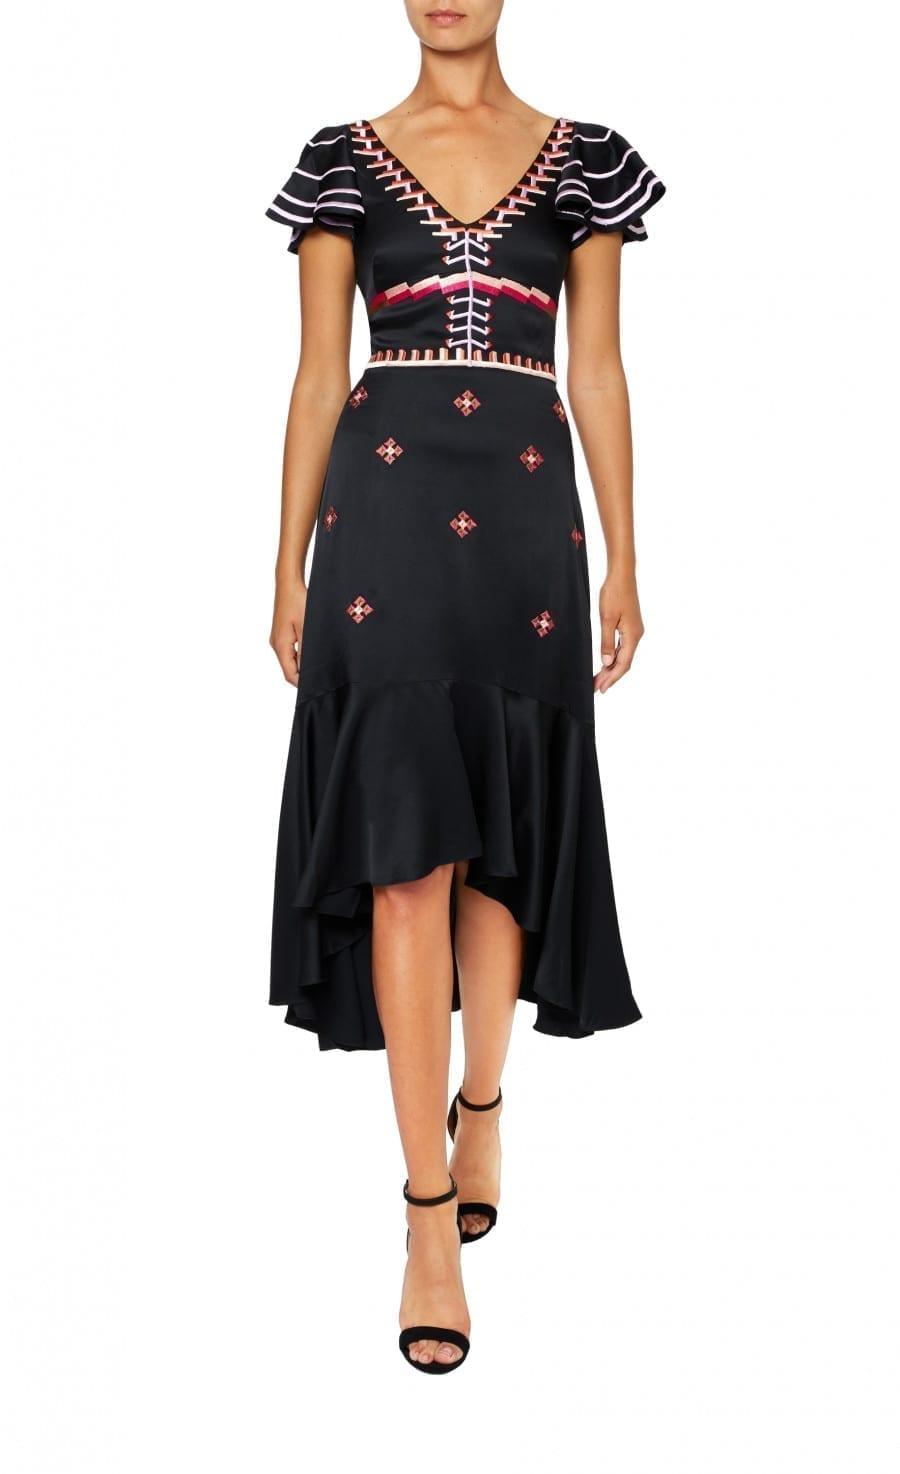 TEMPERLEY LONDON Traveller Black Dress